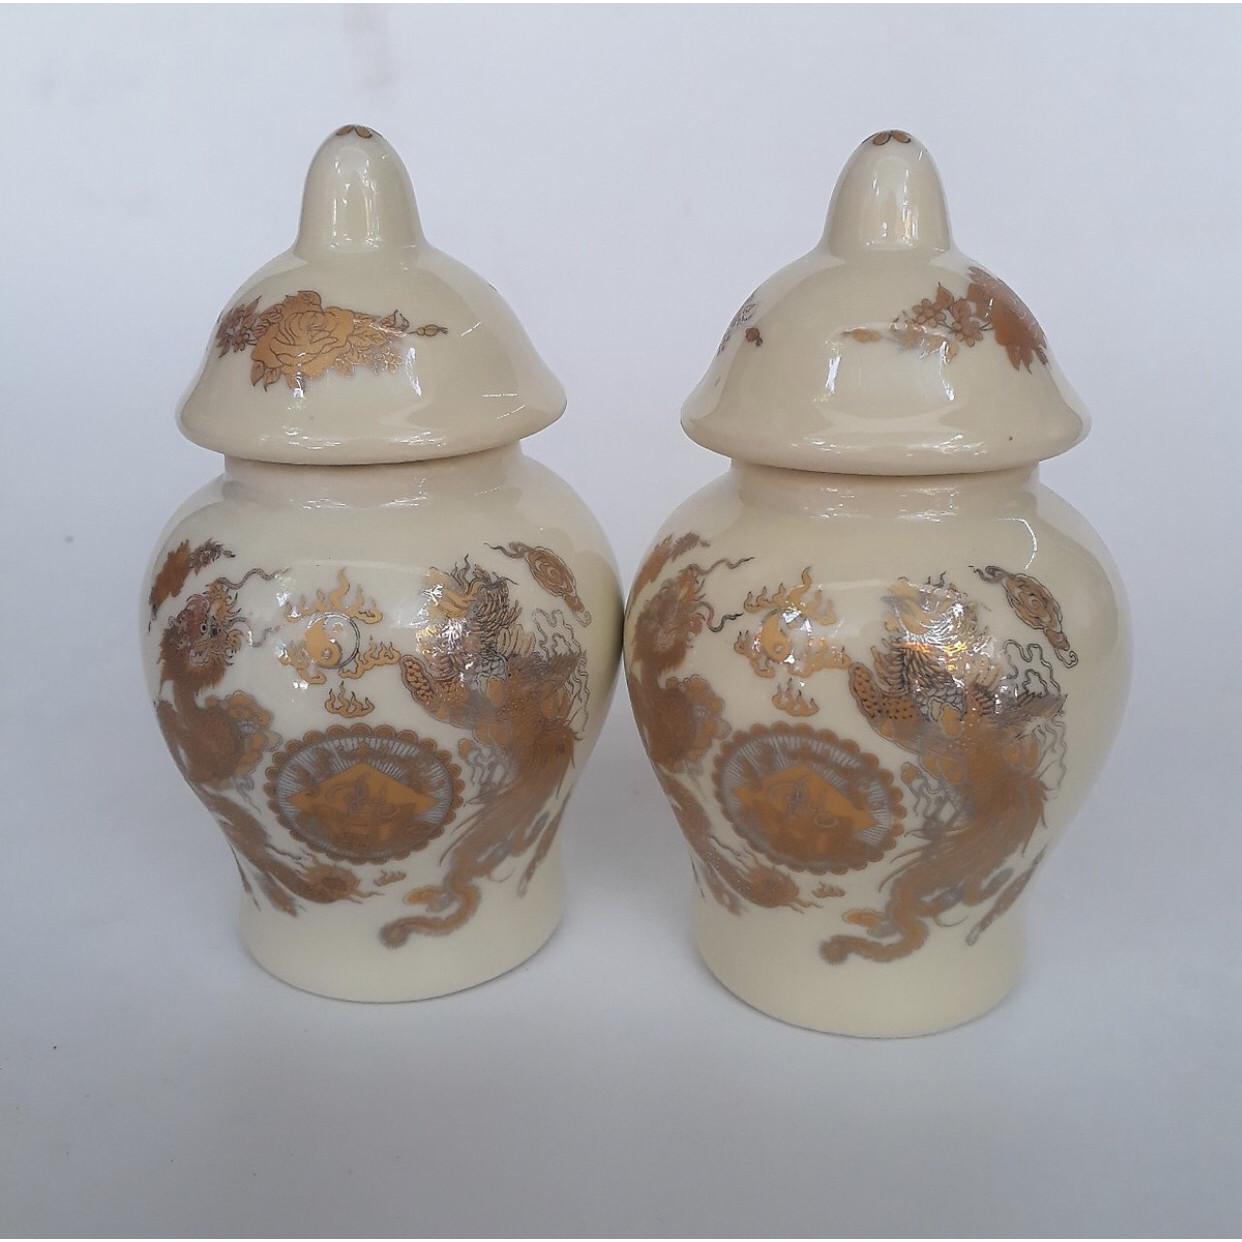 Đôi hũ thờ gạo muối bằng sứ bát tràng BH609